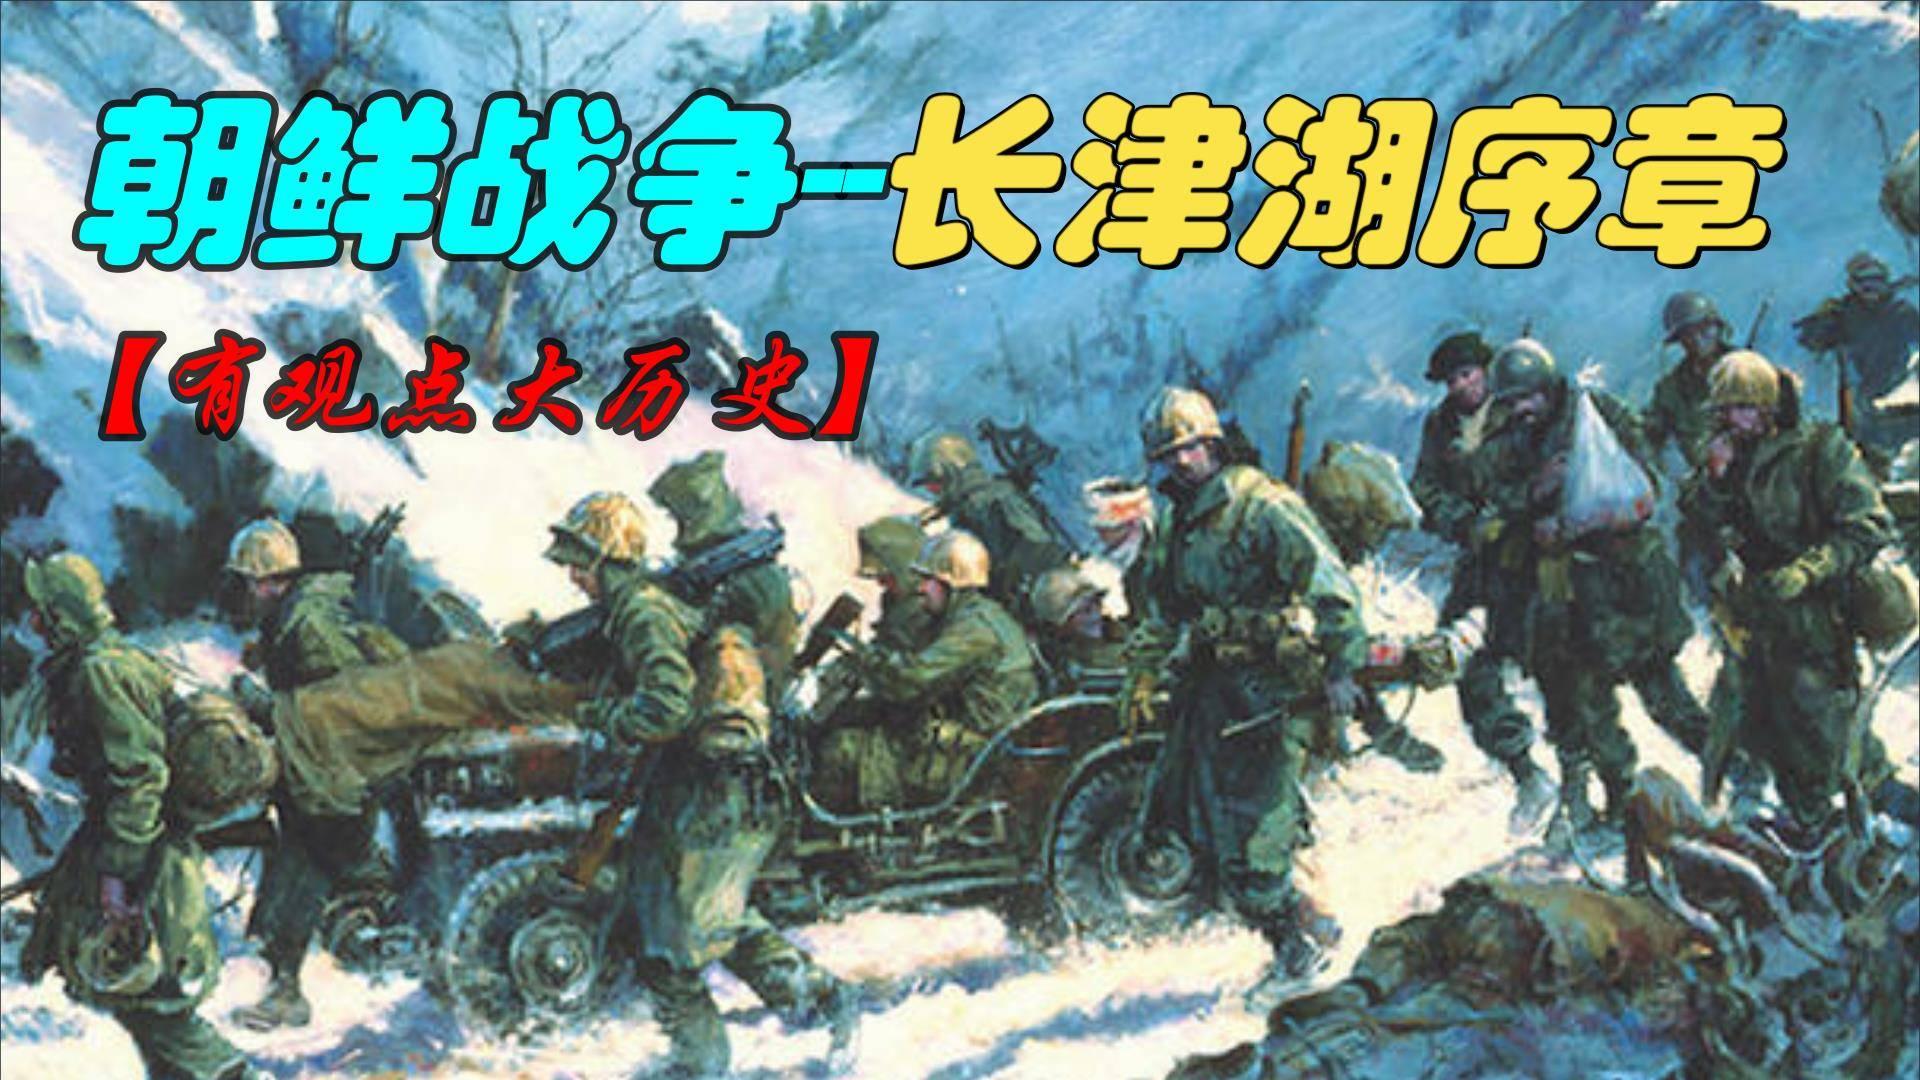 朝鲜战争--长津湖序章